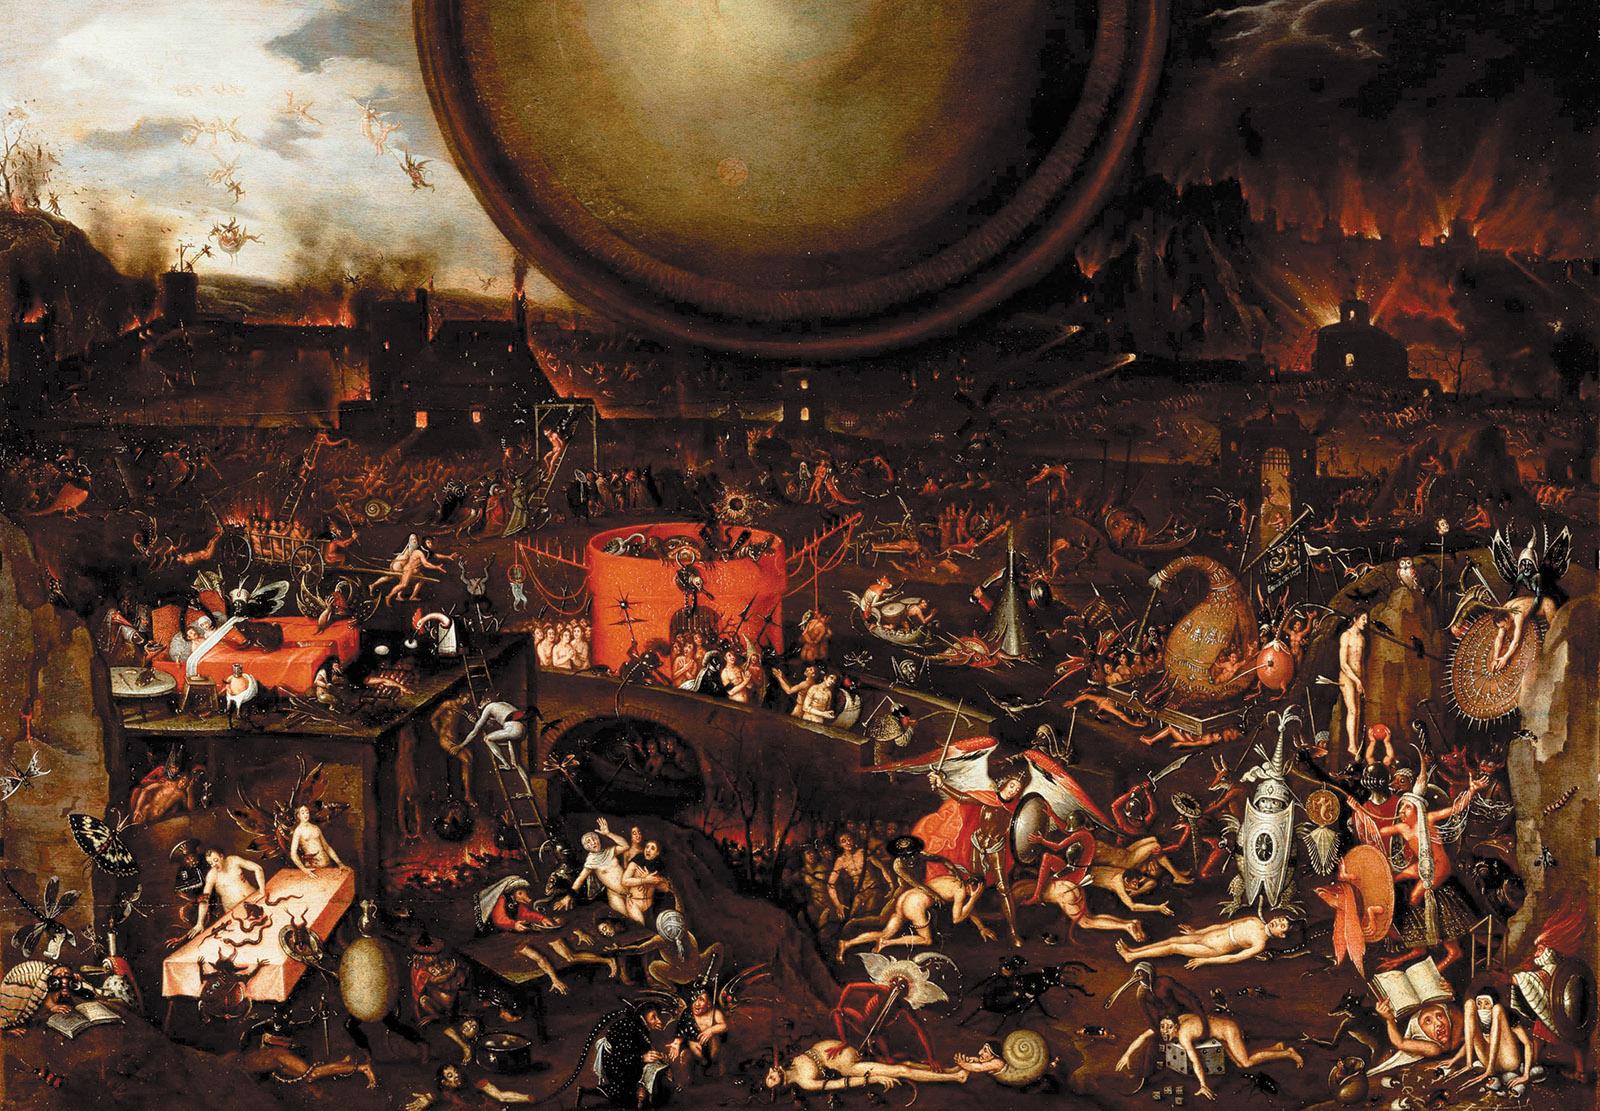 Herri met de Bles: Hell, mid-sixteenth century